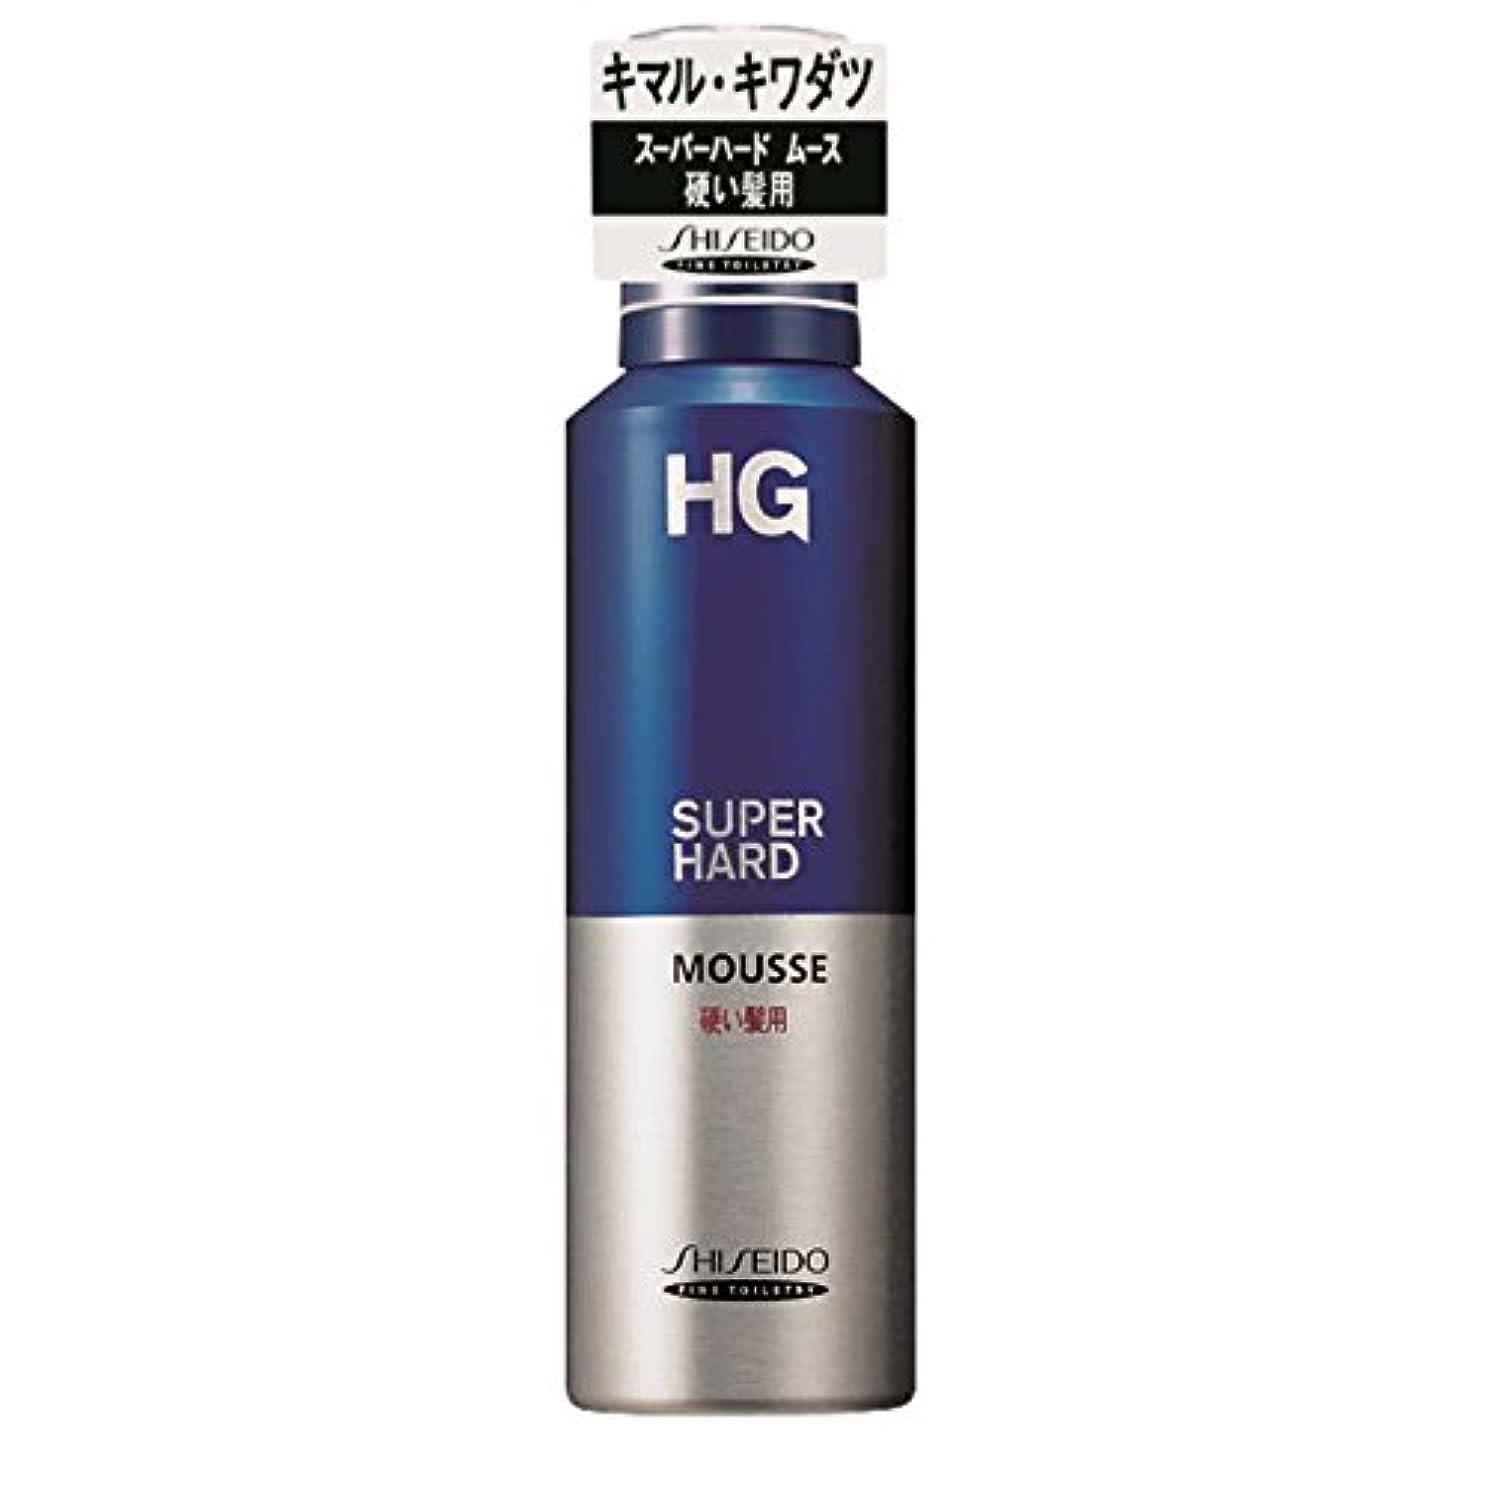 もっと少なくケージ大通りHG スーパーハード ムース 硬い髪用 180g